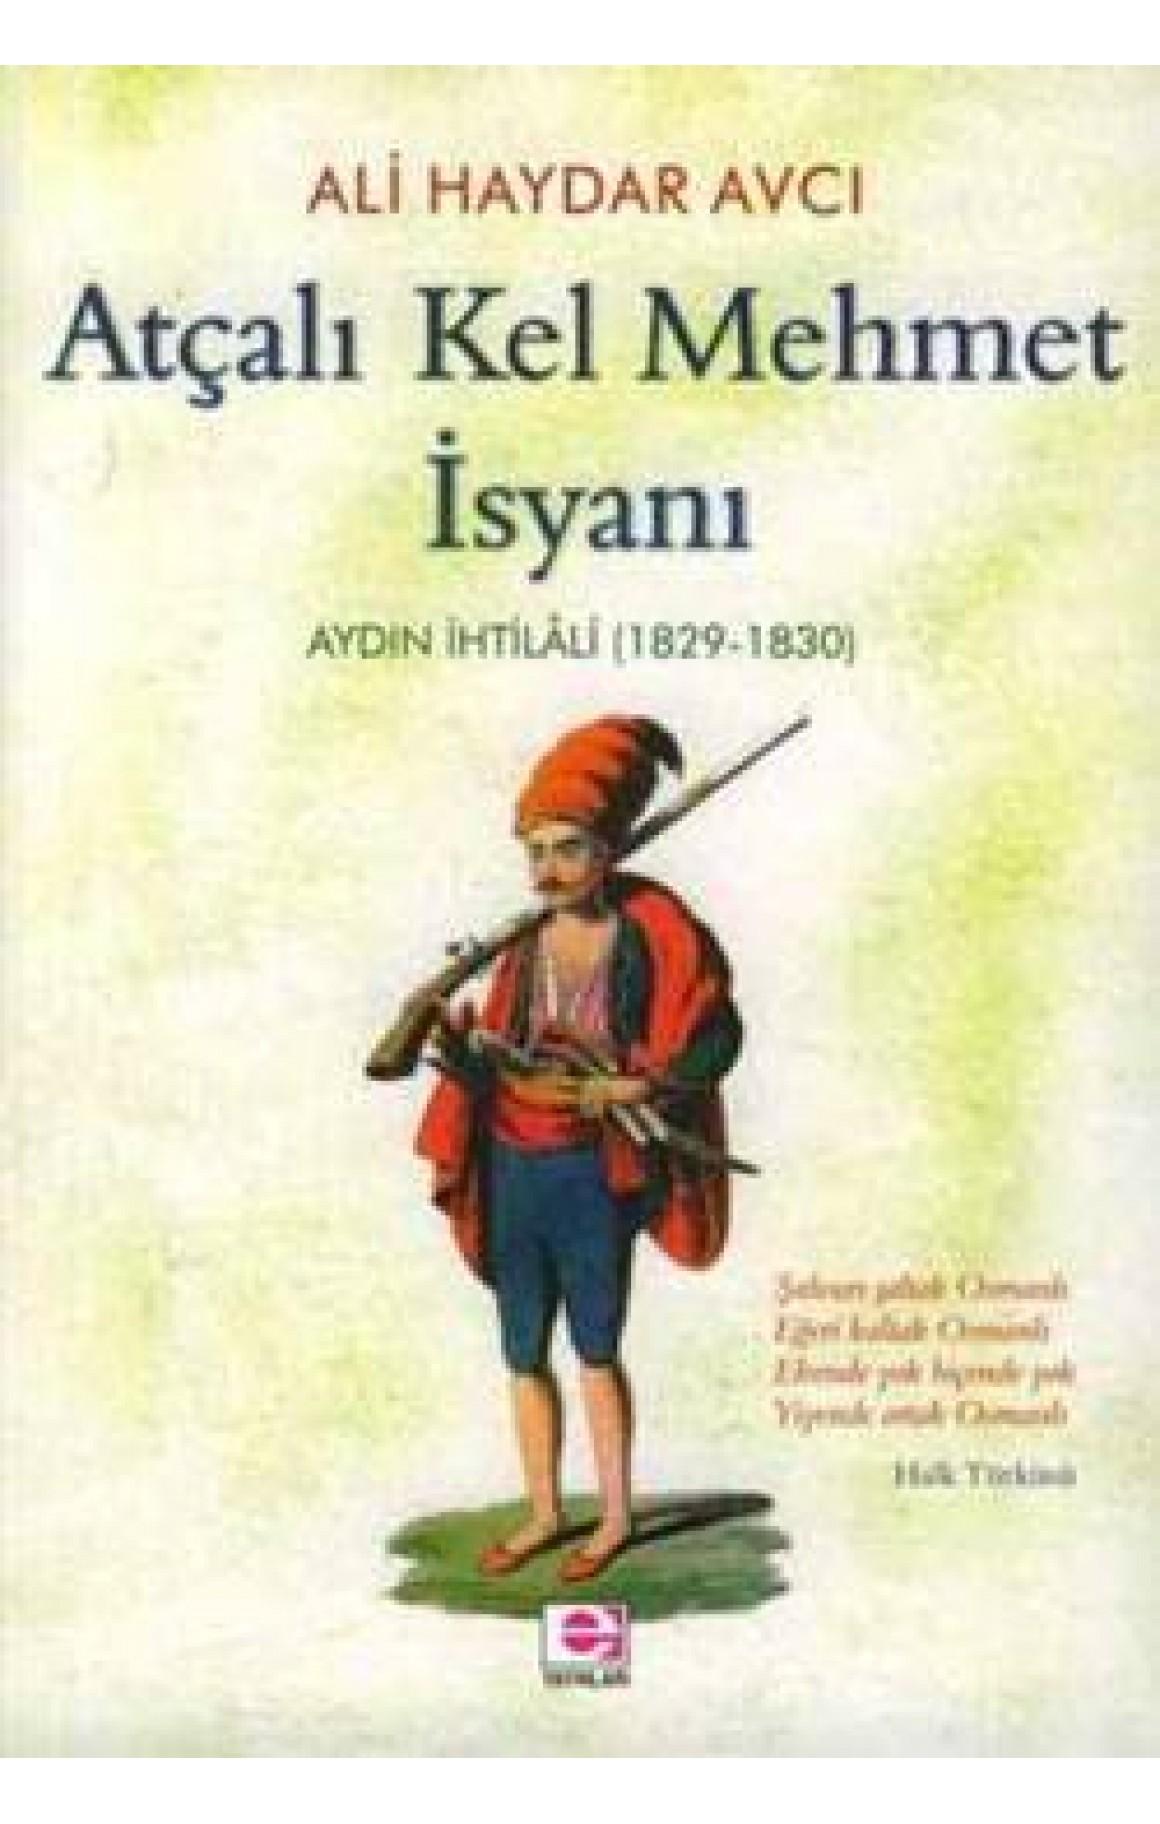 Atçalı Kel Mehmet İsyanı